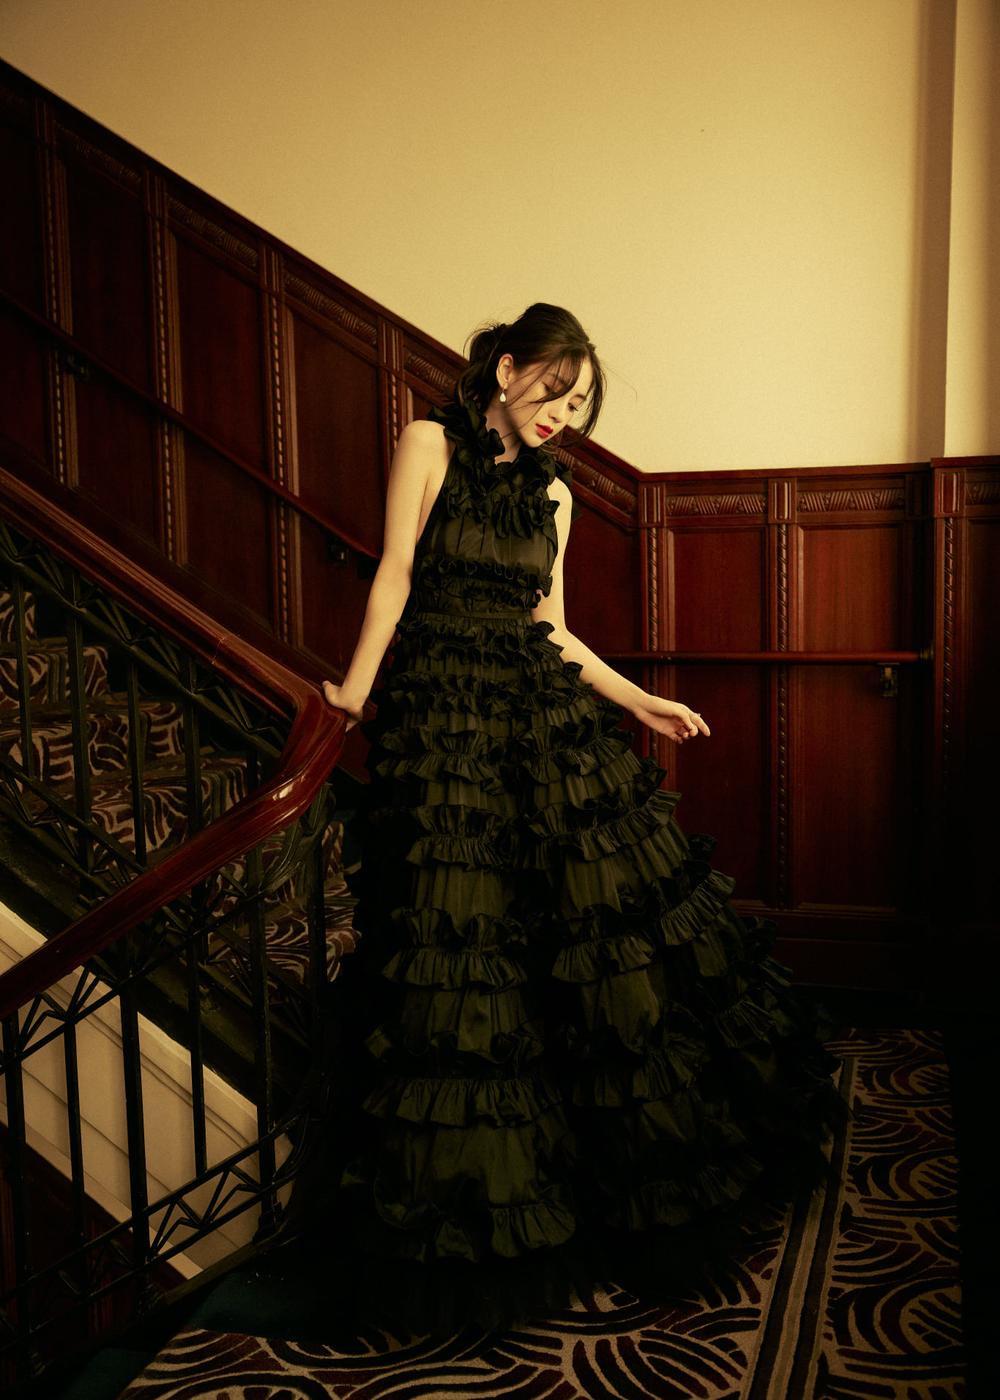 Khó lòng cưỡng nổi sức hút từ Angelababy khi diện váy lộng lẫy như thiên nga Ảnh 2